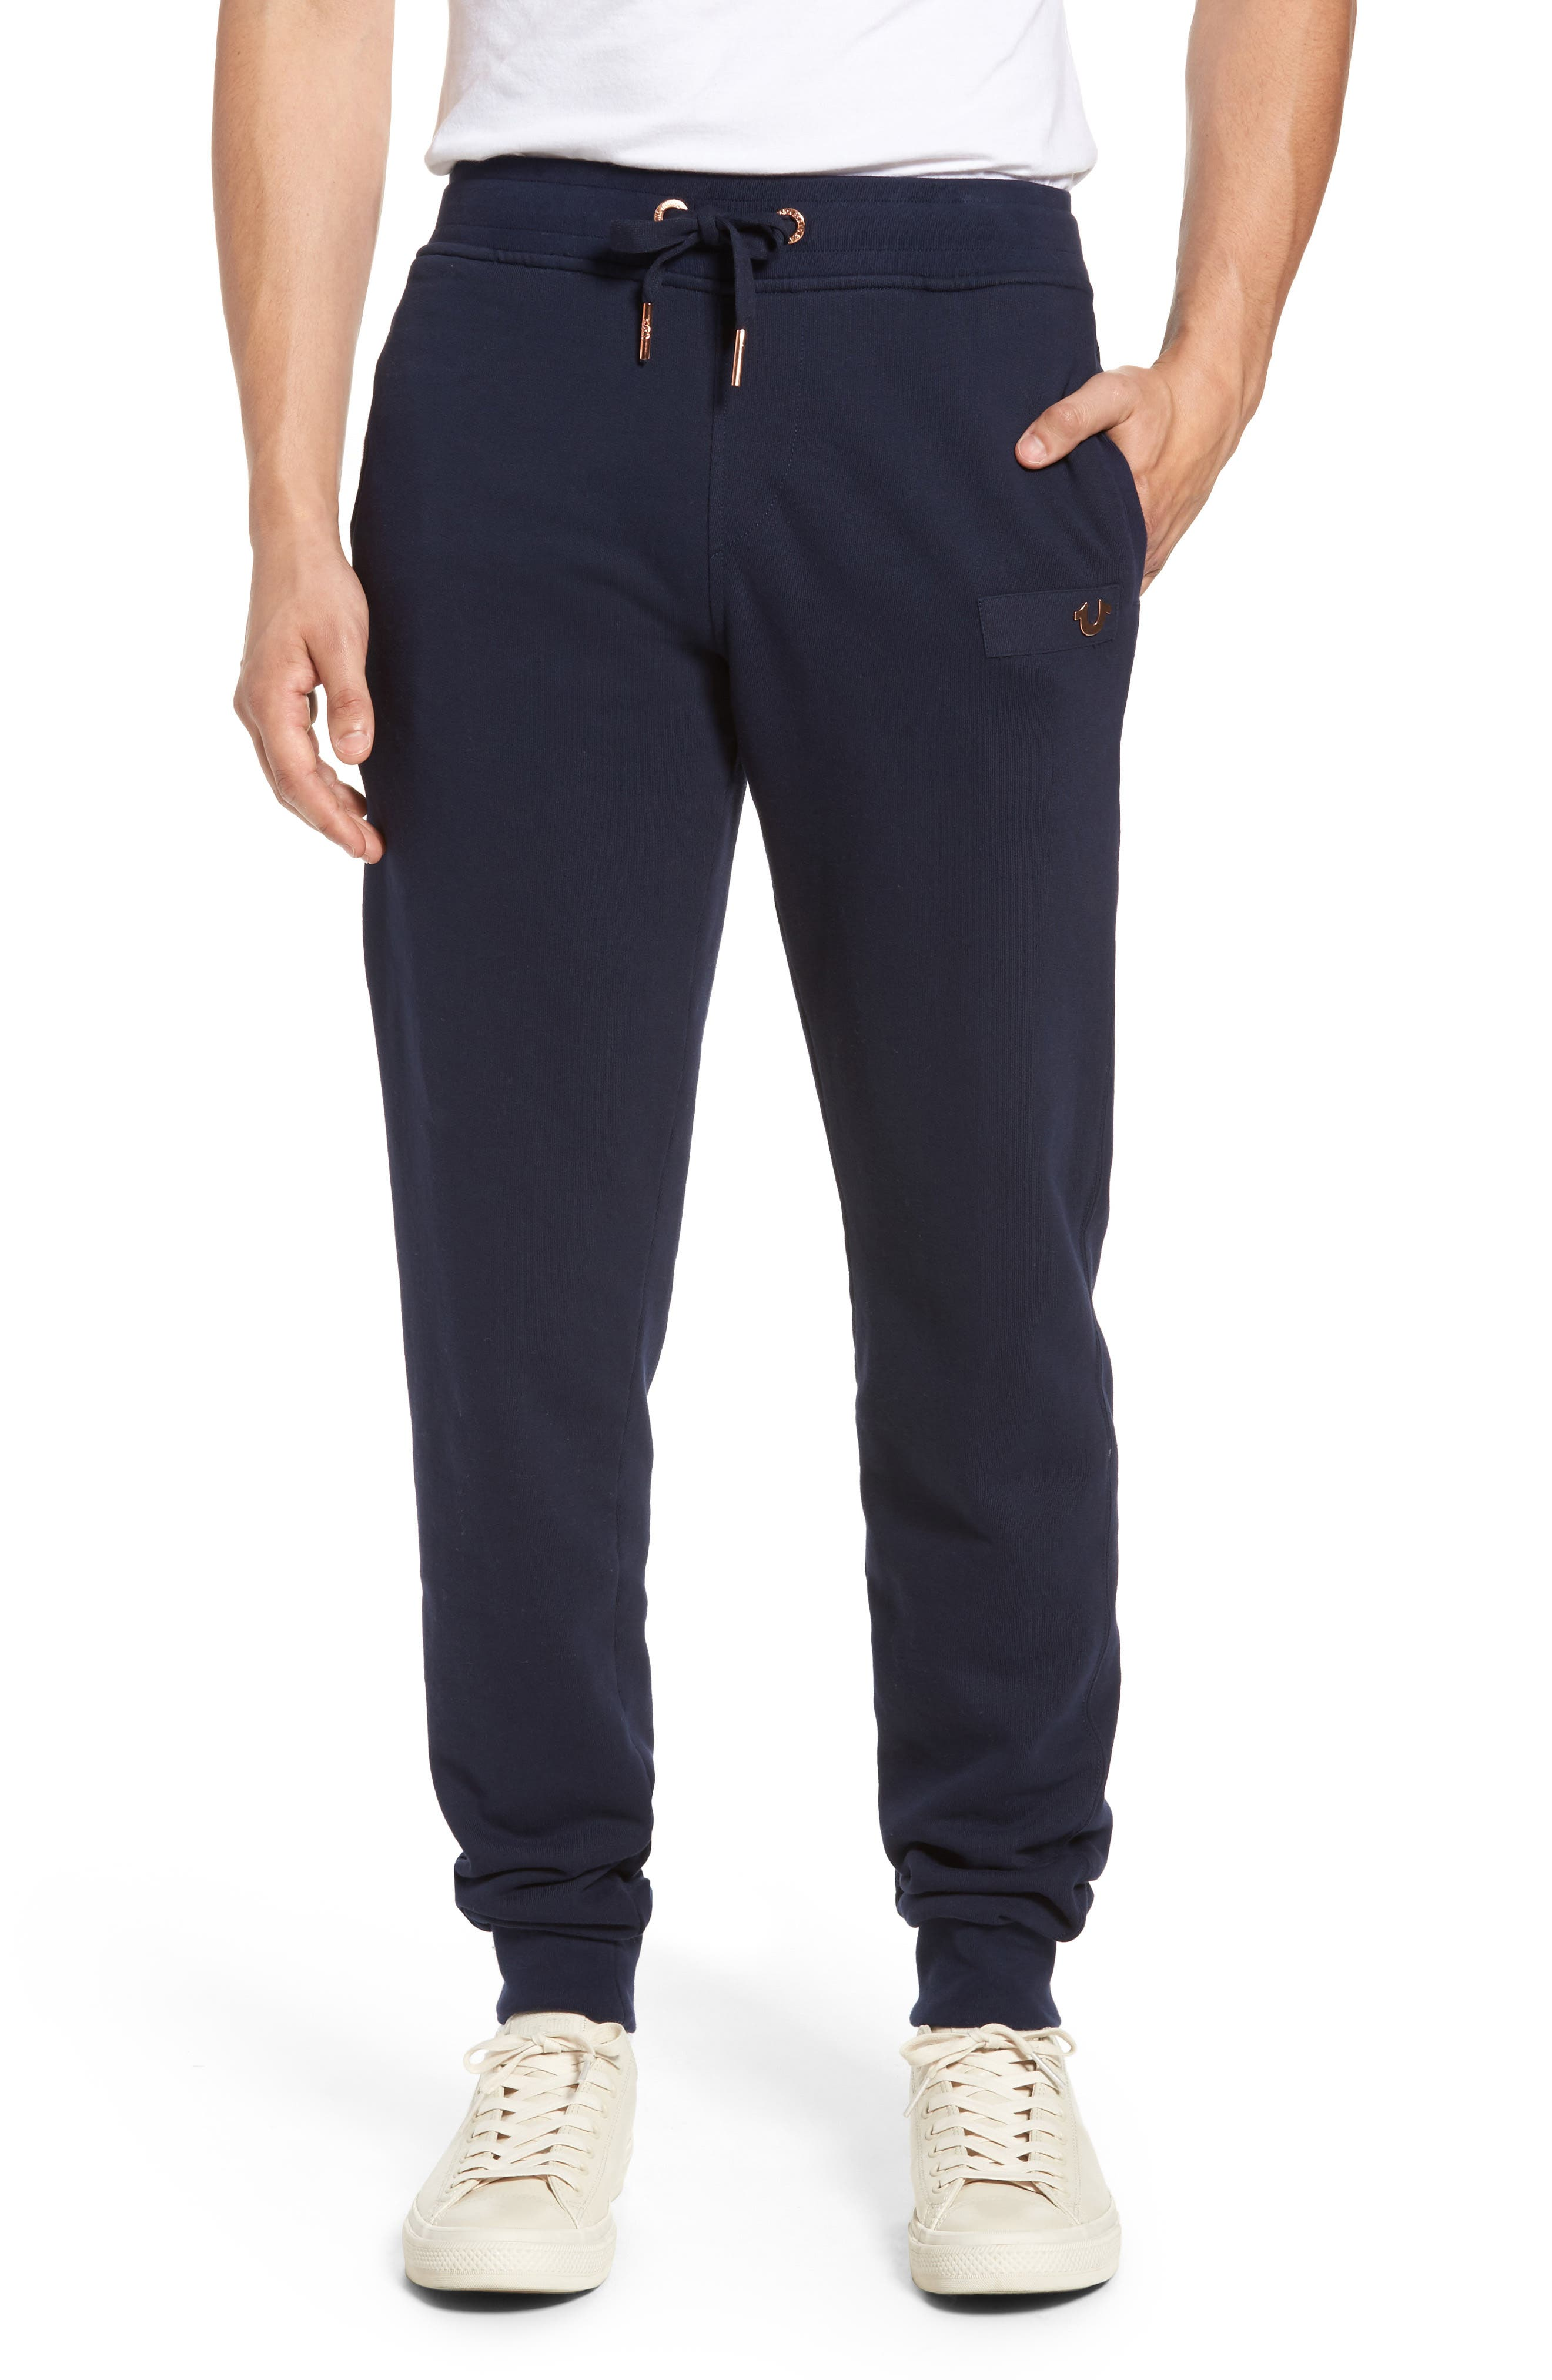 Horseshoe Sweatpants,                         Main,                         color, Navy